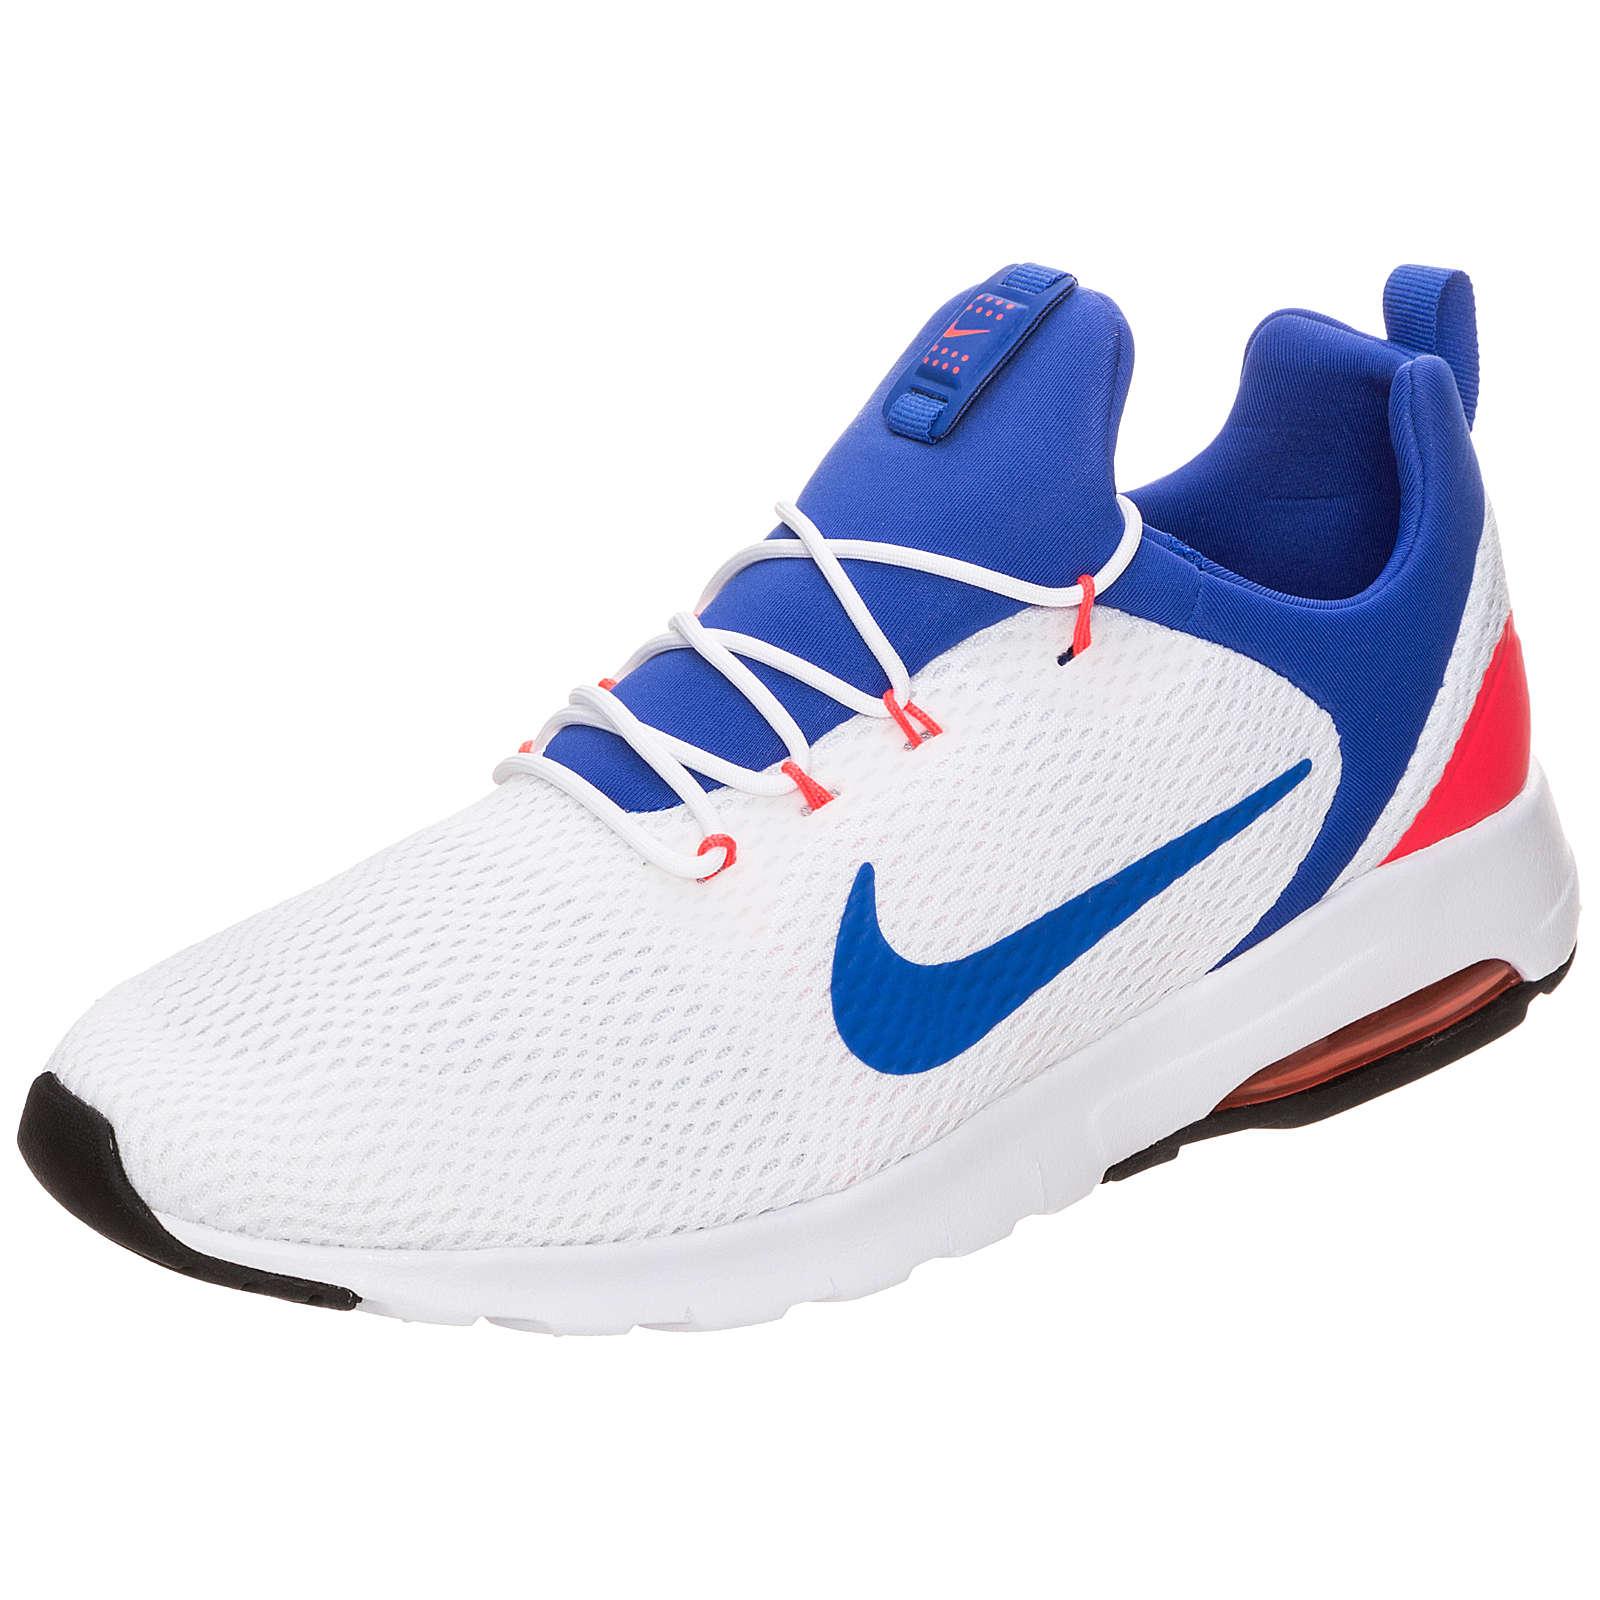 Nike Sportswear Max Motion Racer Sneakers Low weiß Herren Gr. 47